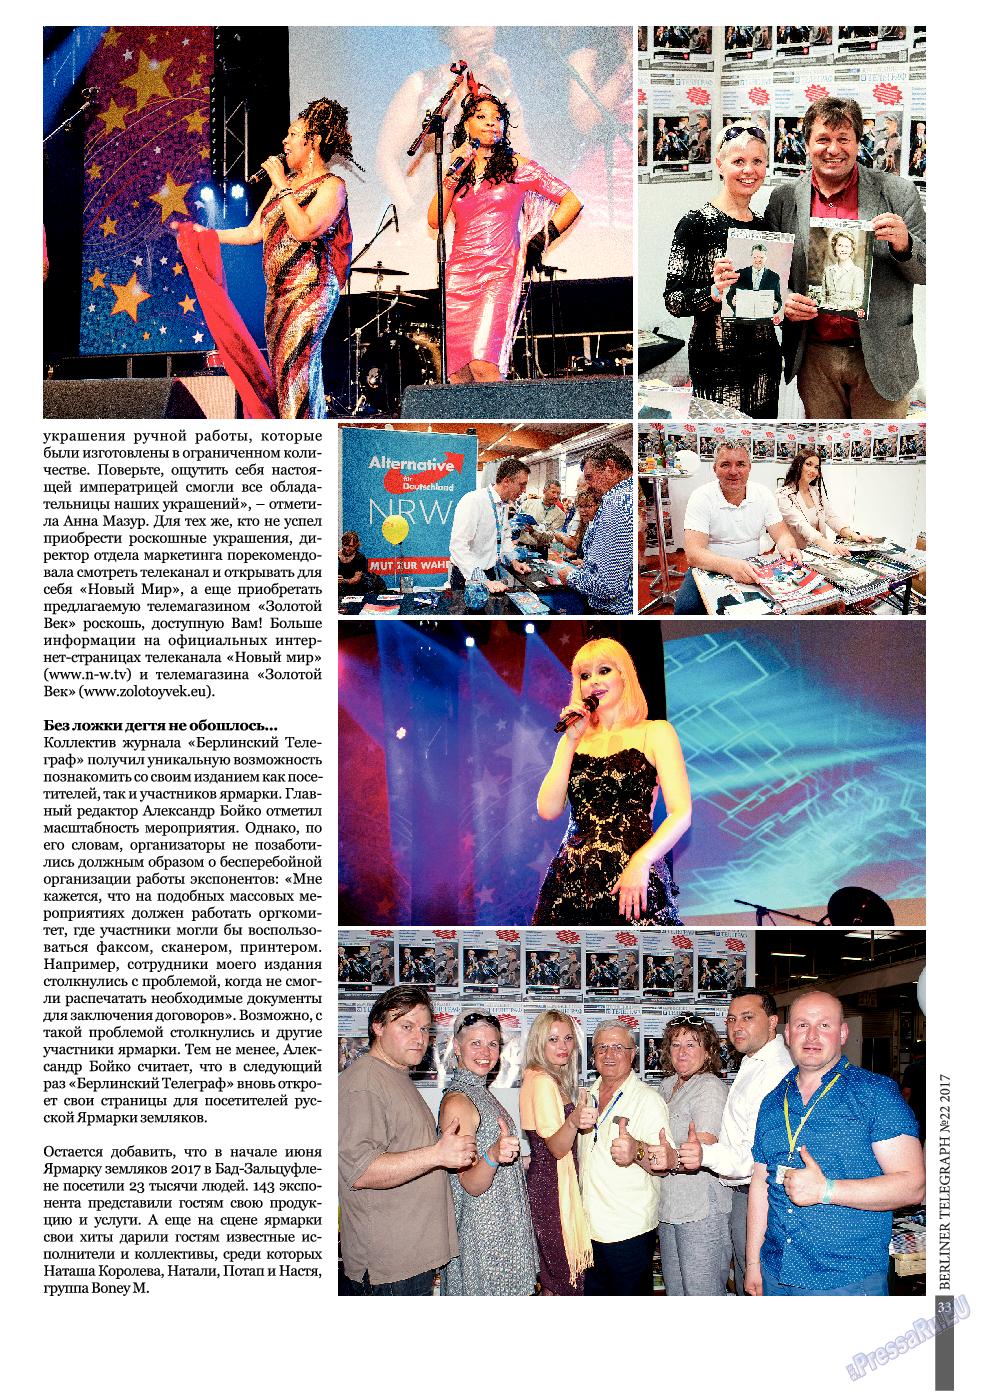 Берлинский телеграф (журнал). 2017 год, номер 22, стр. 33